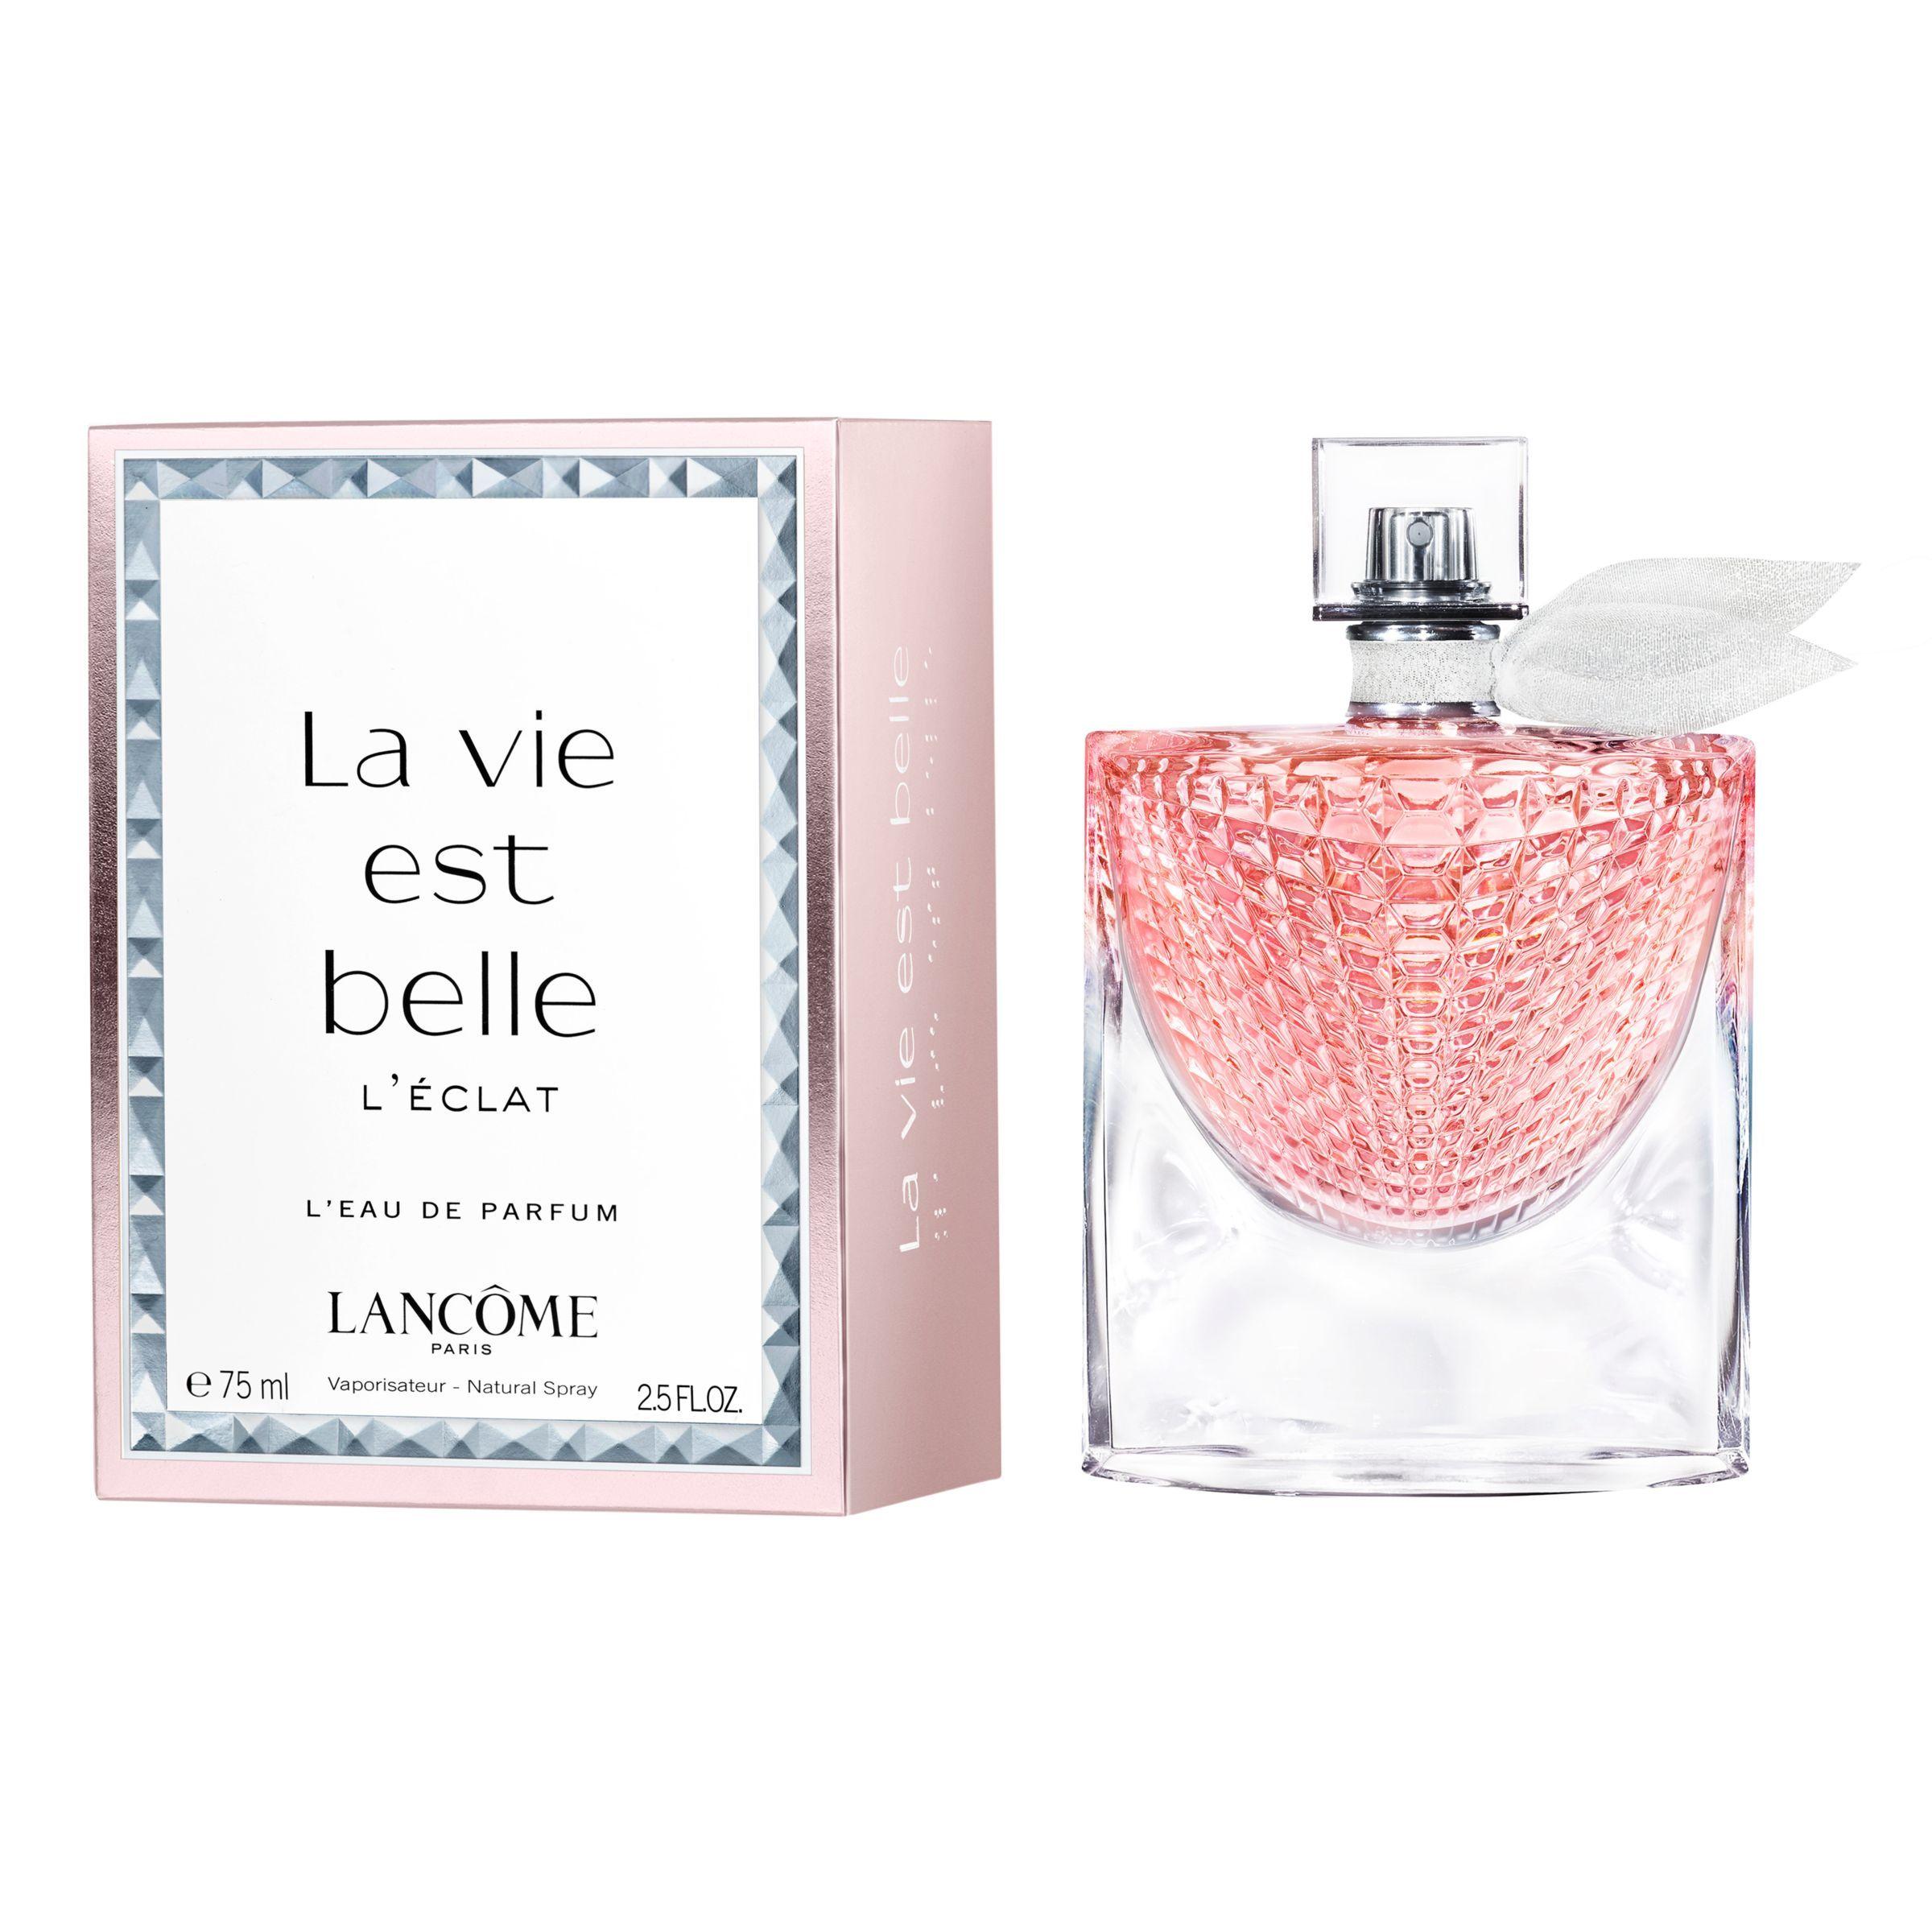 Lancome La Vie Est Belle L Eclat L Eau De Parfum La Vie Est Belle Perfume Perfume La Vie Est Belle